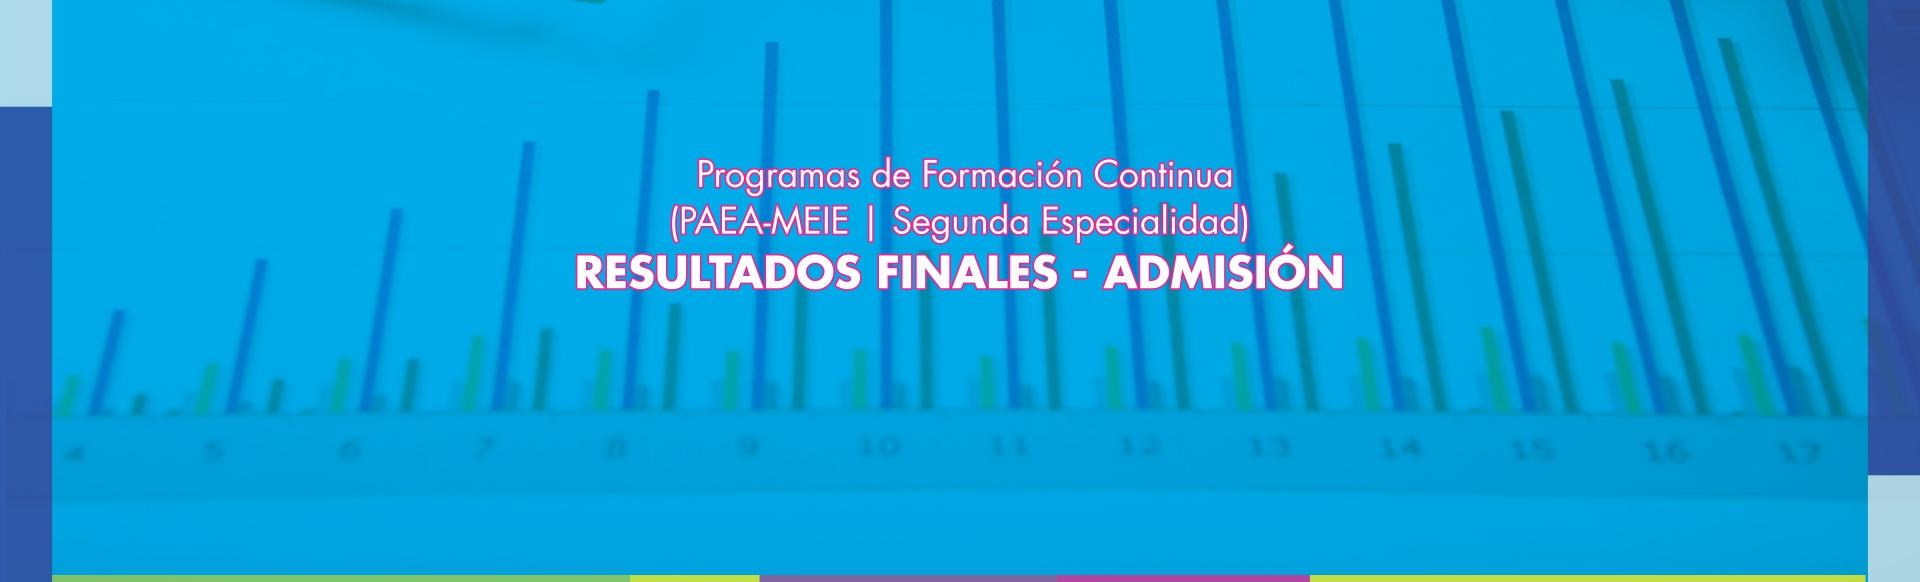 resultados_programasautofinanciados